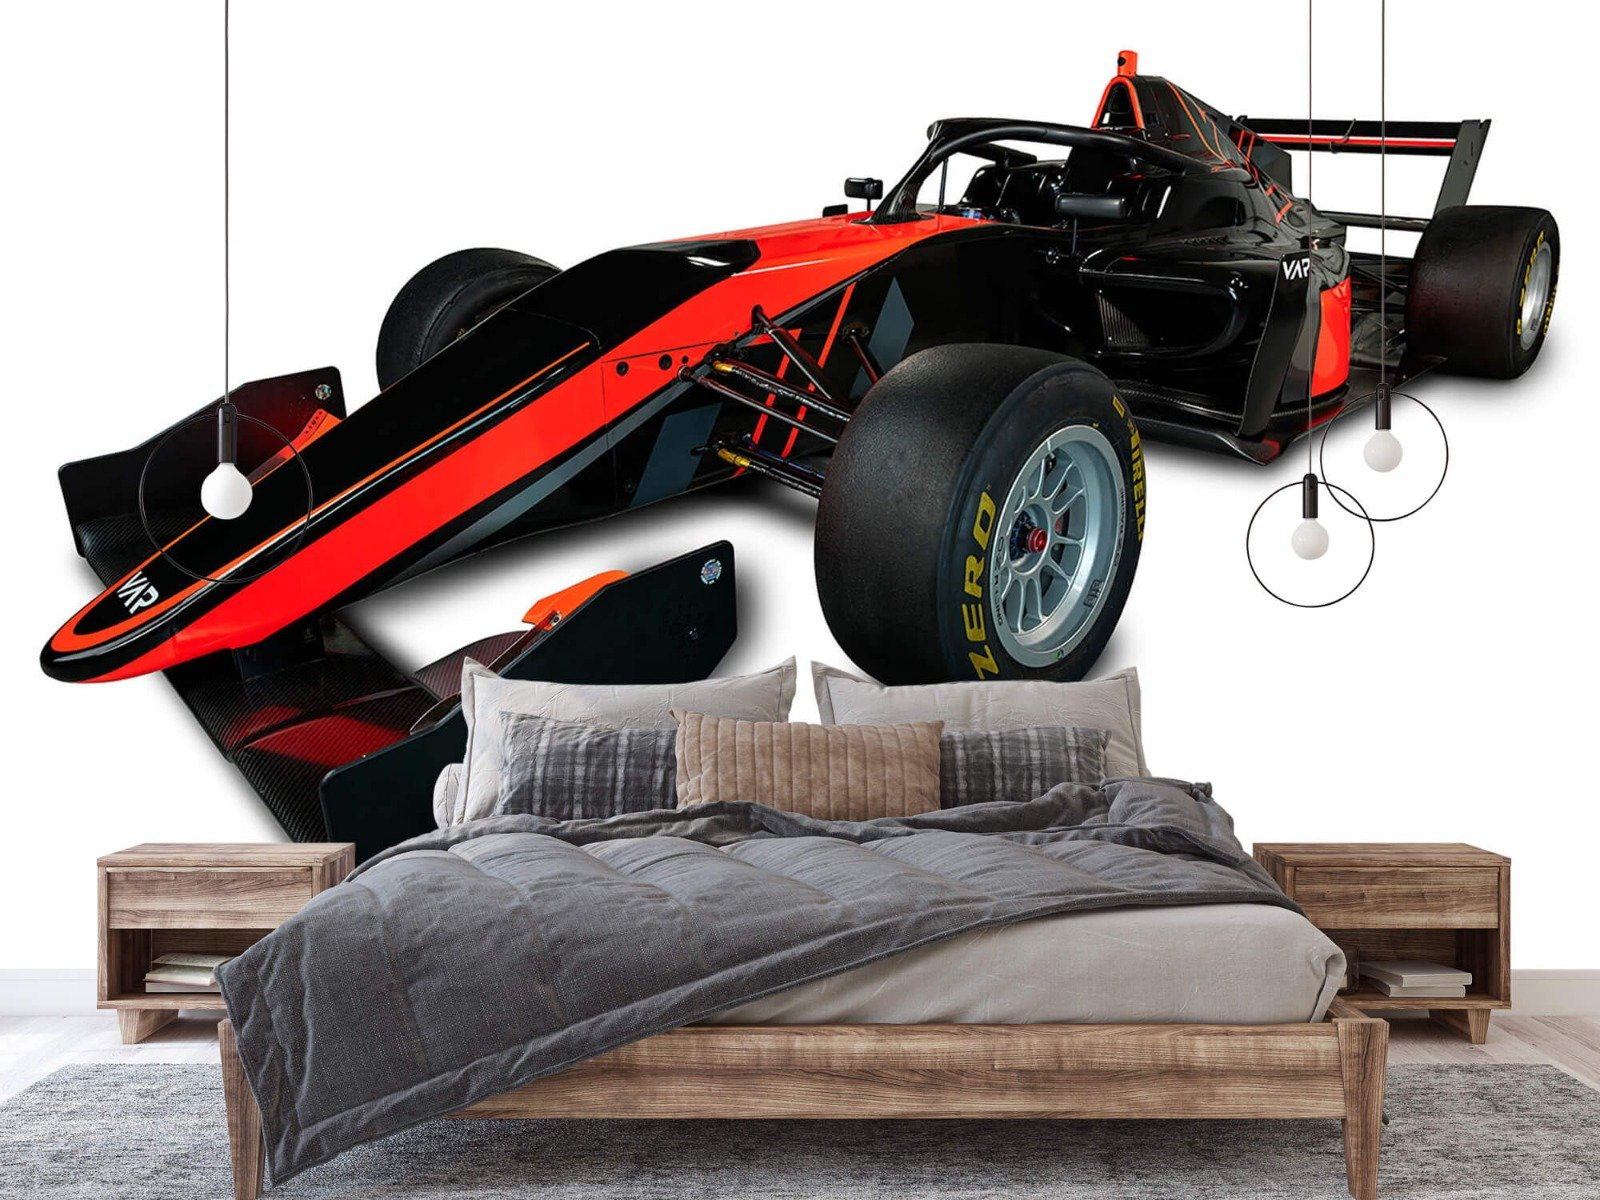 Sportauto's - Formule 3 - Left front view - Tienerkamer 3